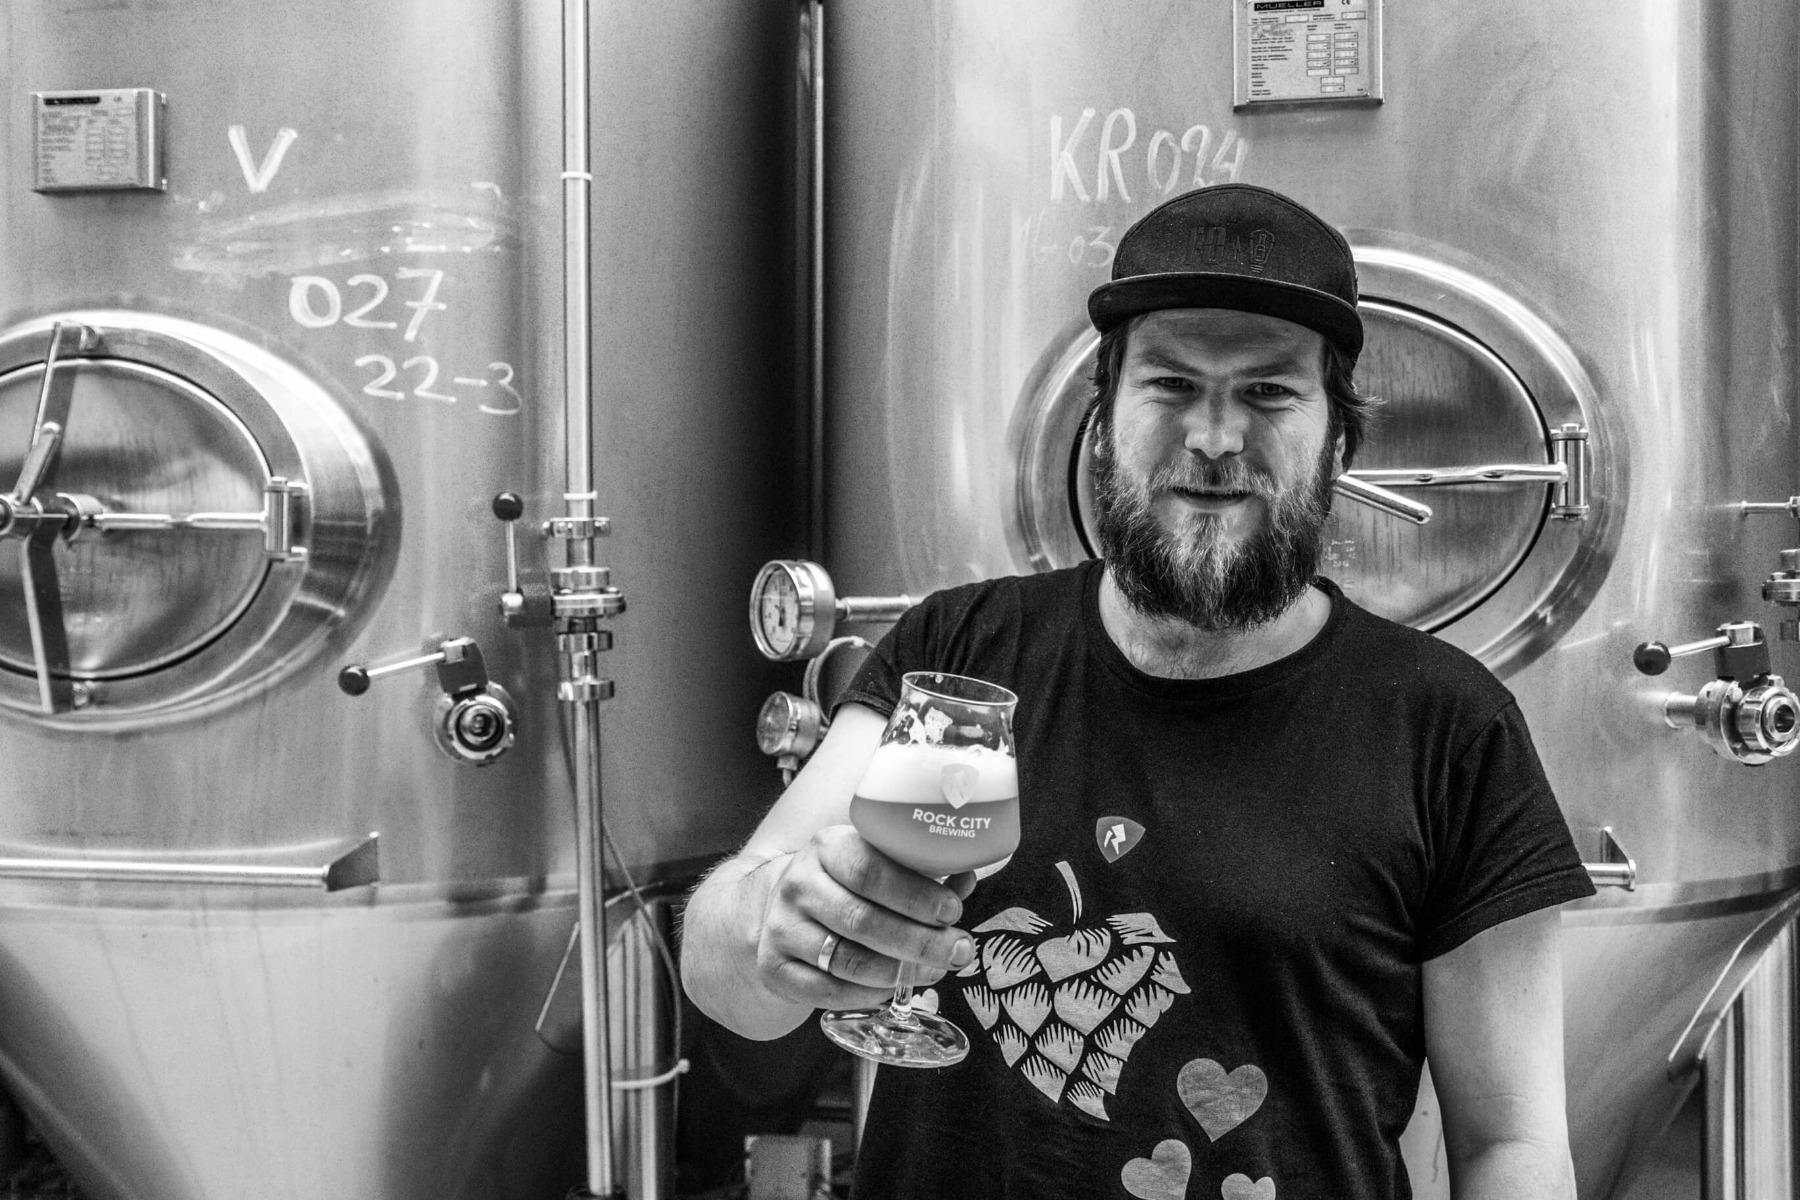 Koen Overeem, mede-oprichter en hoofdbrouwer van Rock City Brewing uit Amersfoort